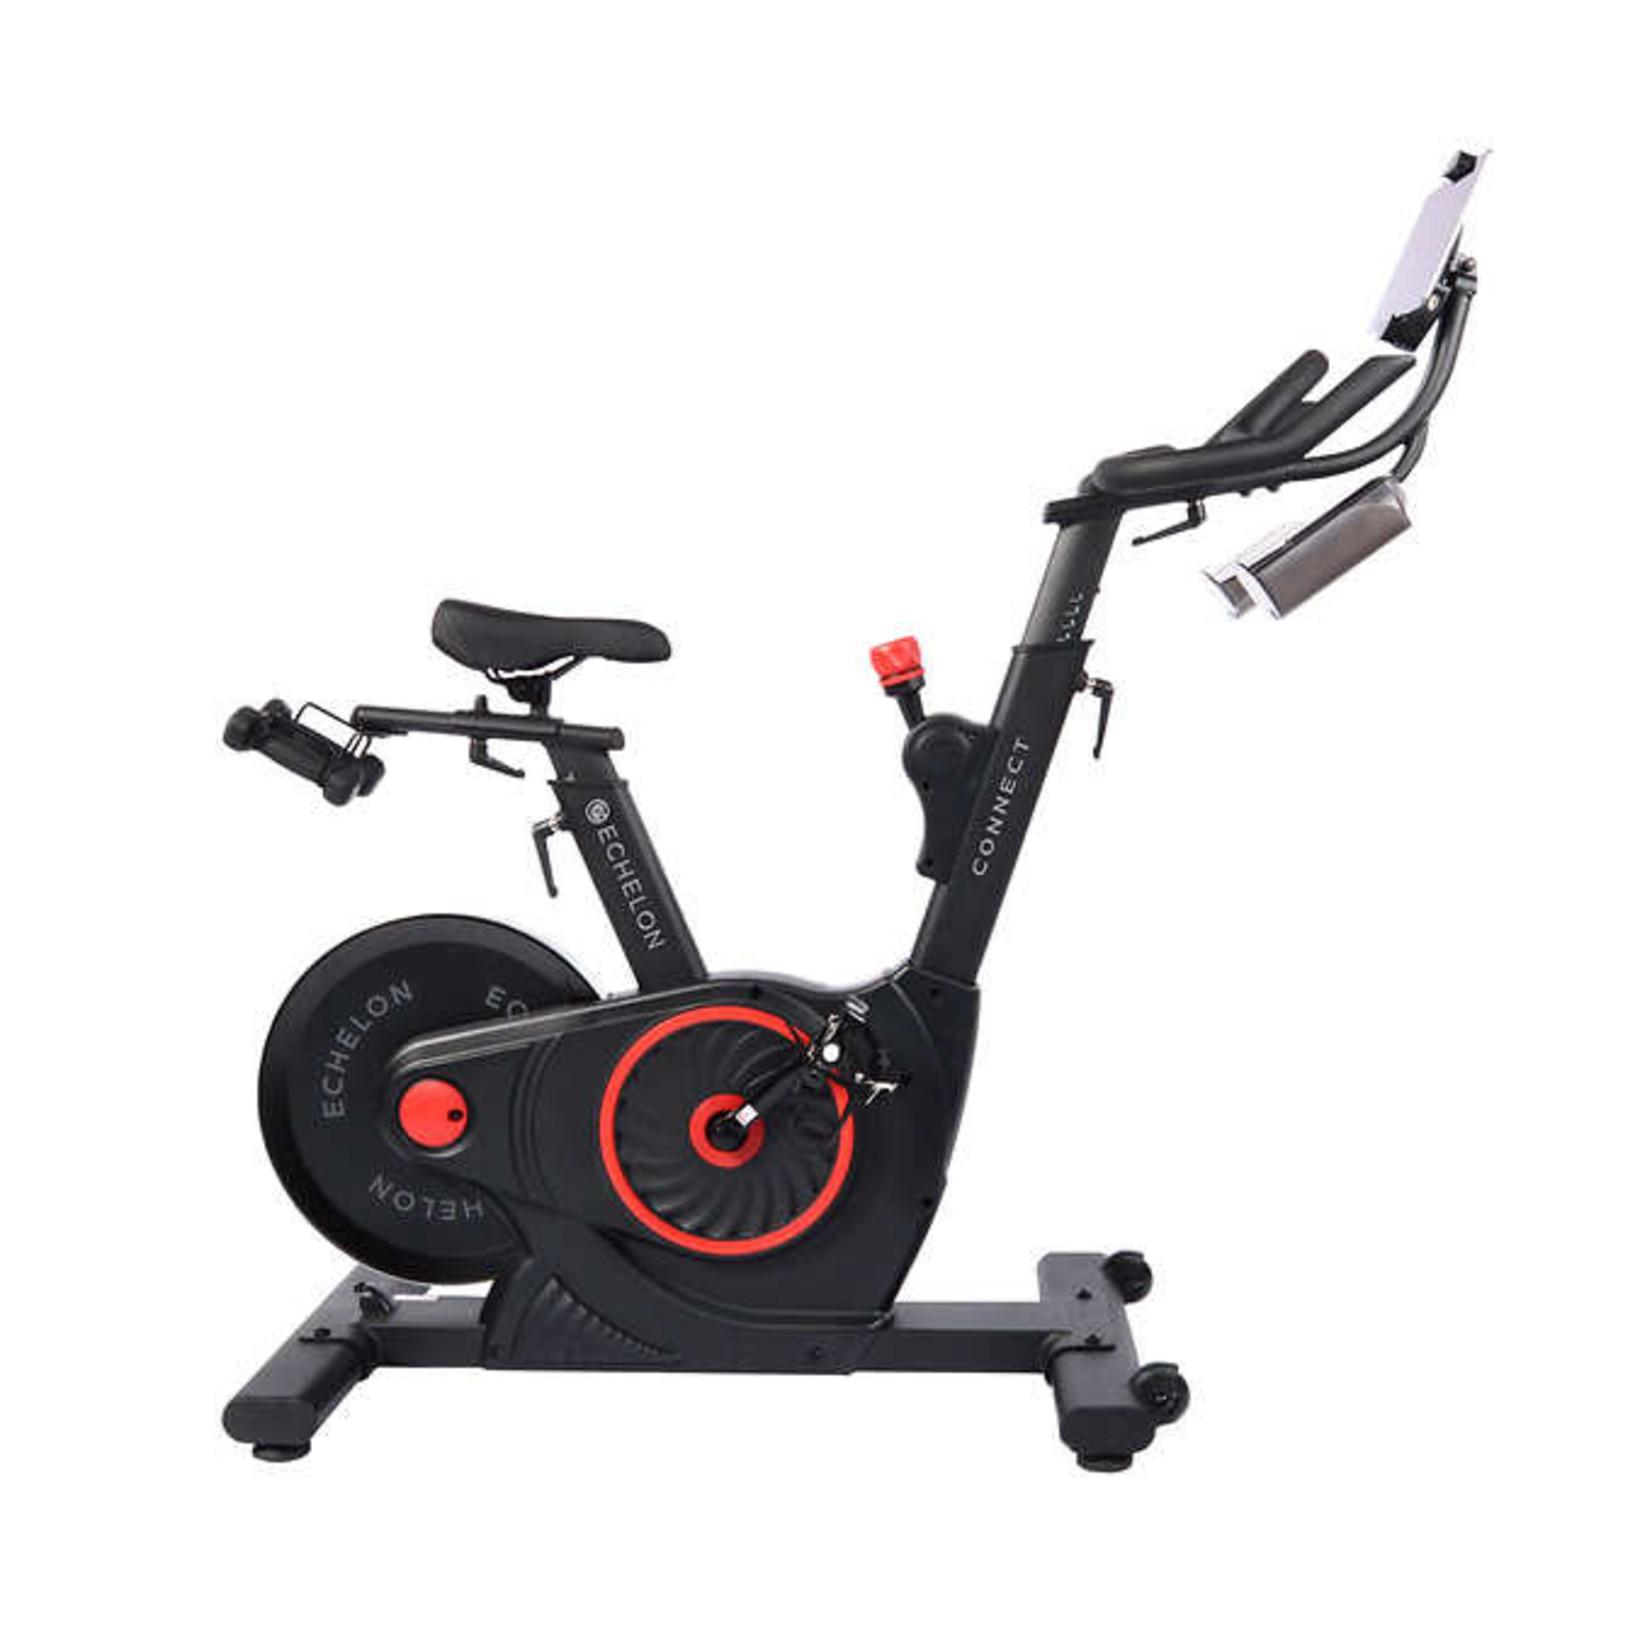 Echelon Connect EX-5 Spin Bike *broken device holder*